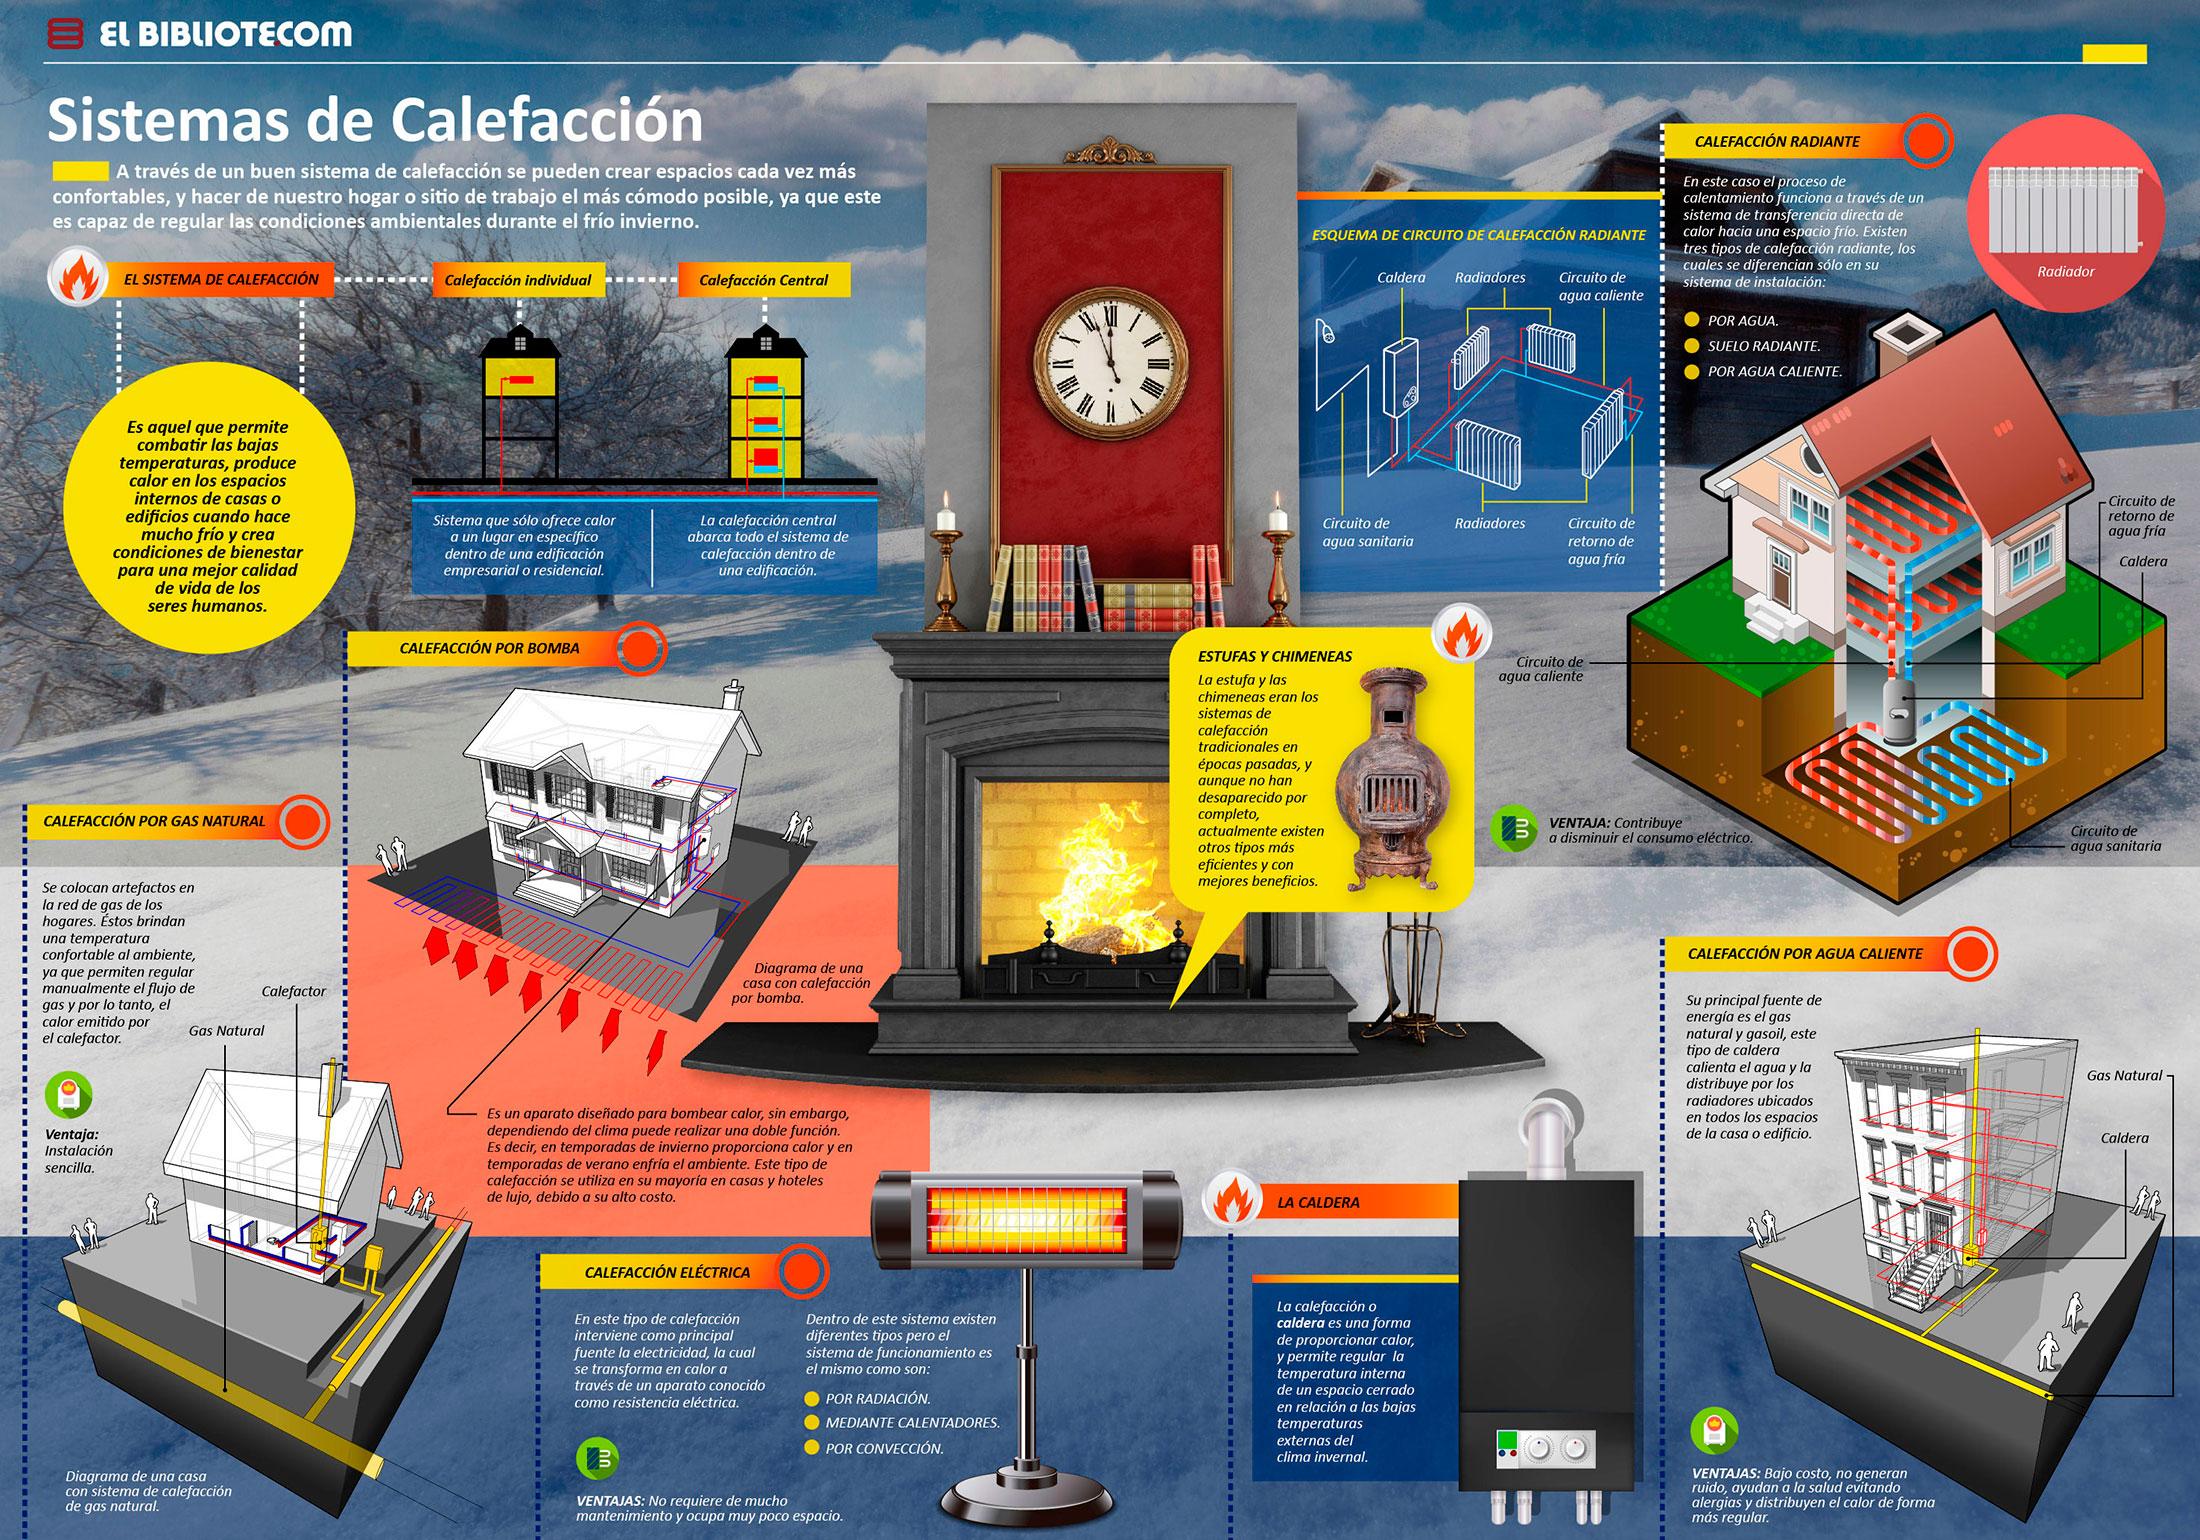 Sistemas calefaccion electrica cheap plano calefaccin - Calefaccion electrica o de gas ...